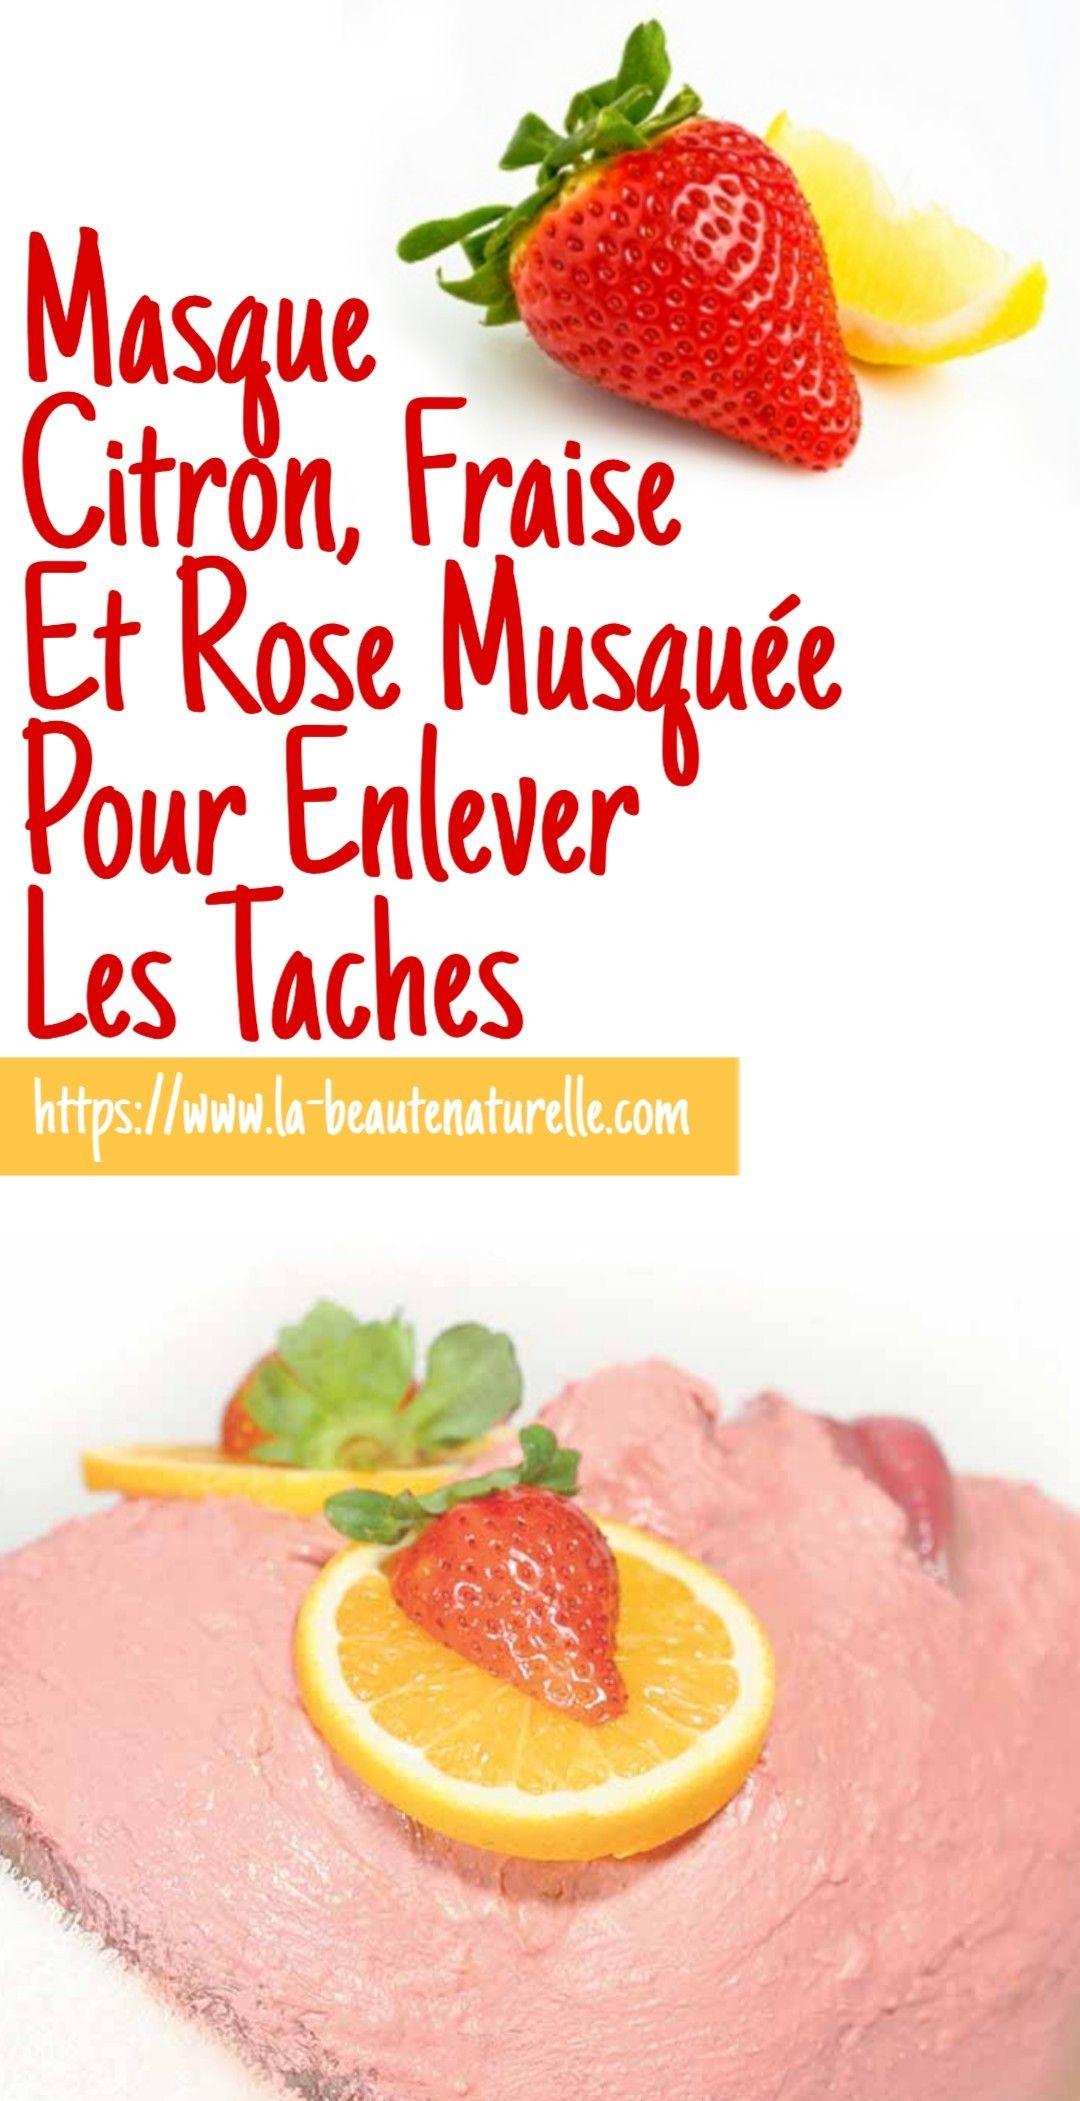 Masque Citron Fraise Et Rose Musquee Pour Enlever Les Taches Avec Images Tache Masque Soin De La Peau